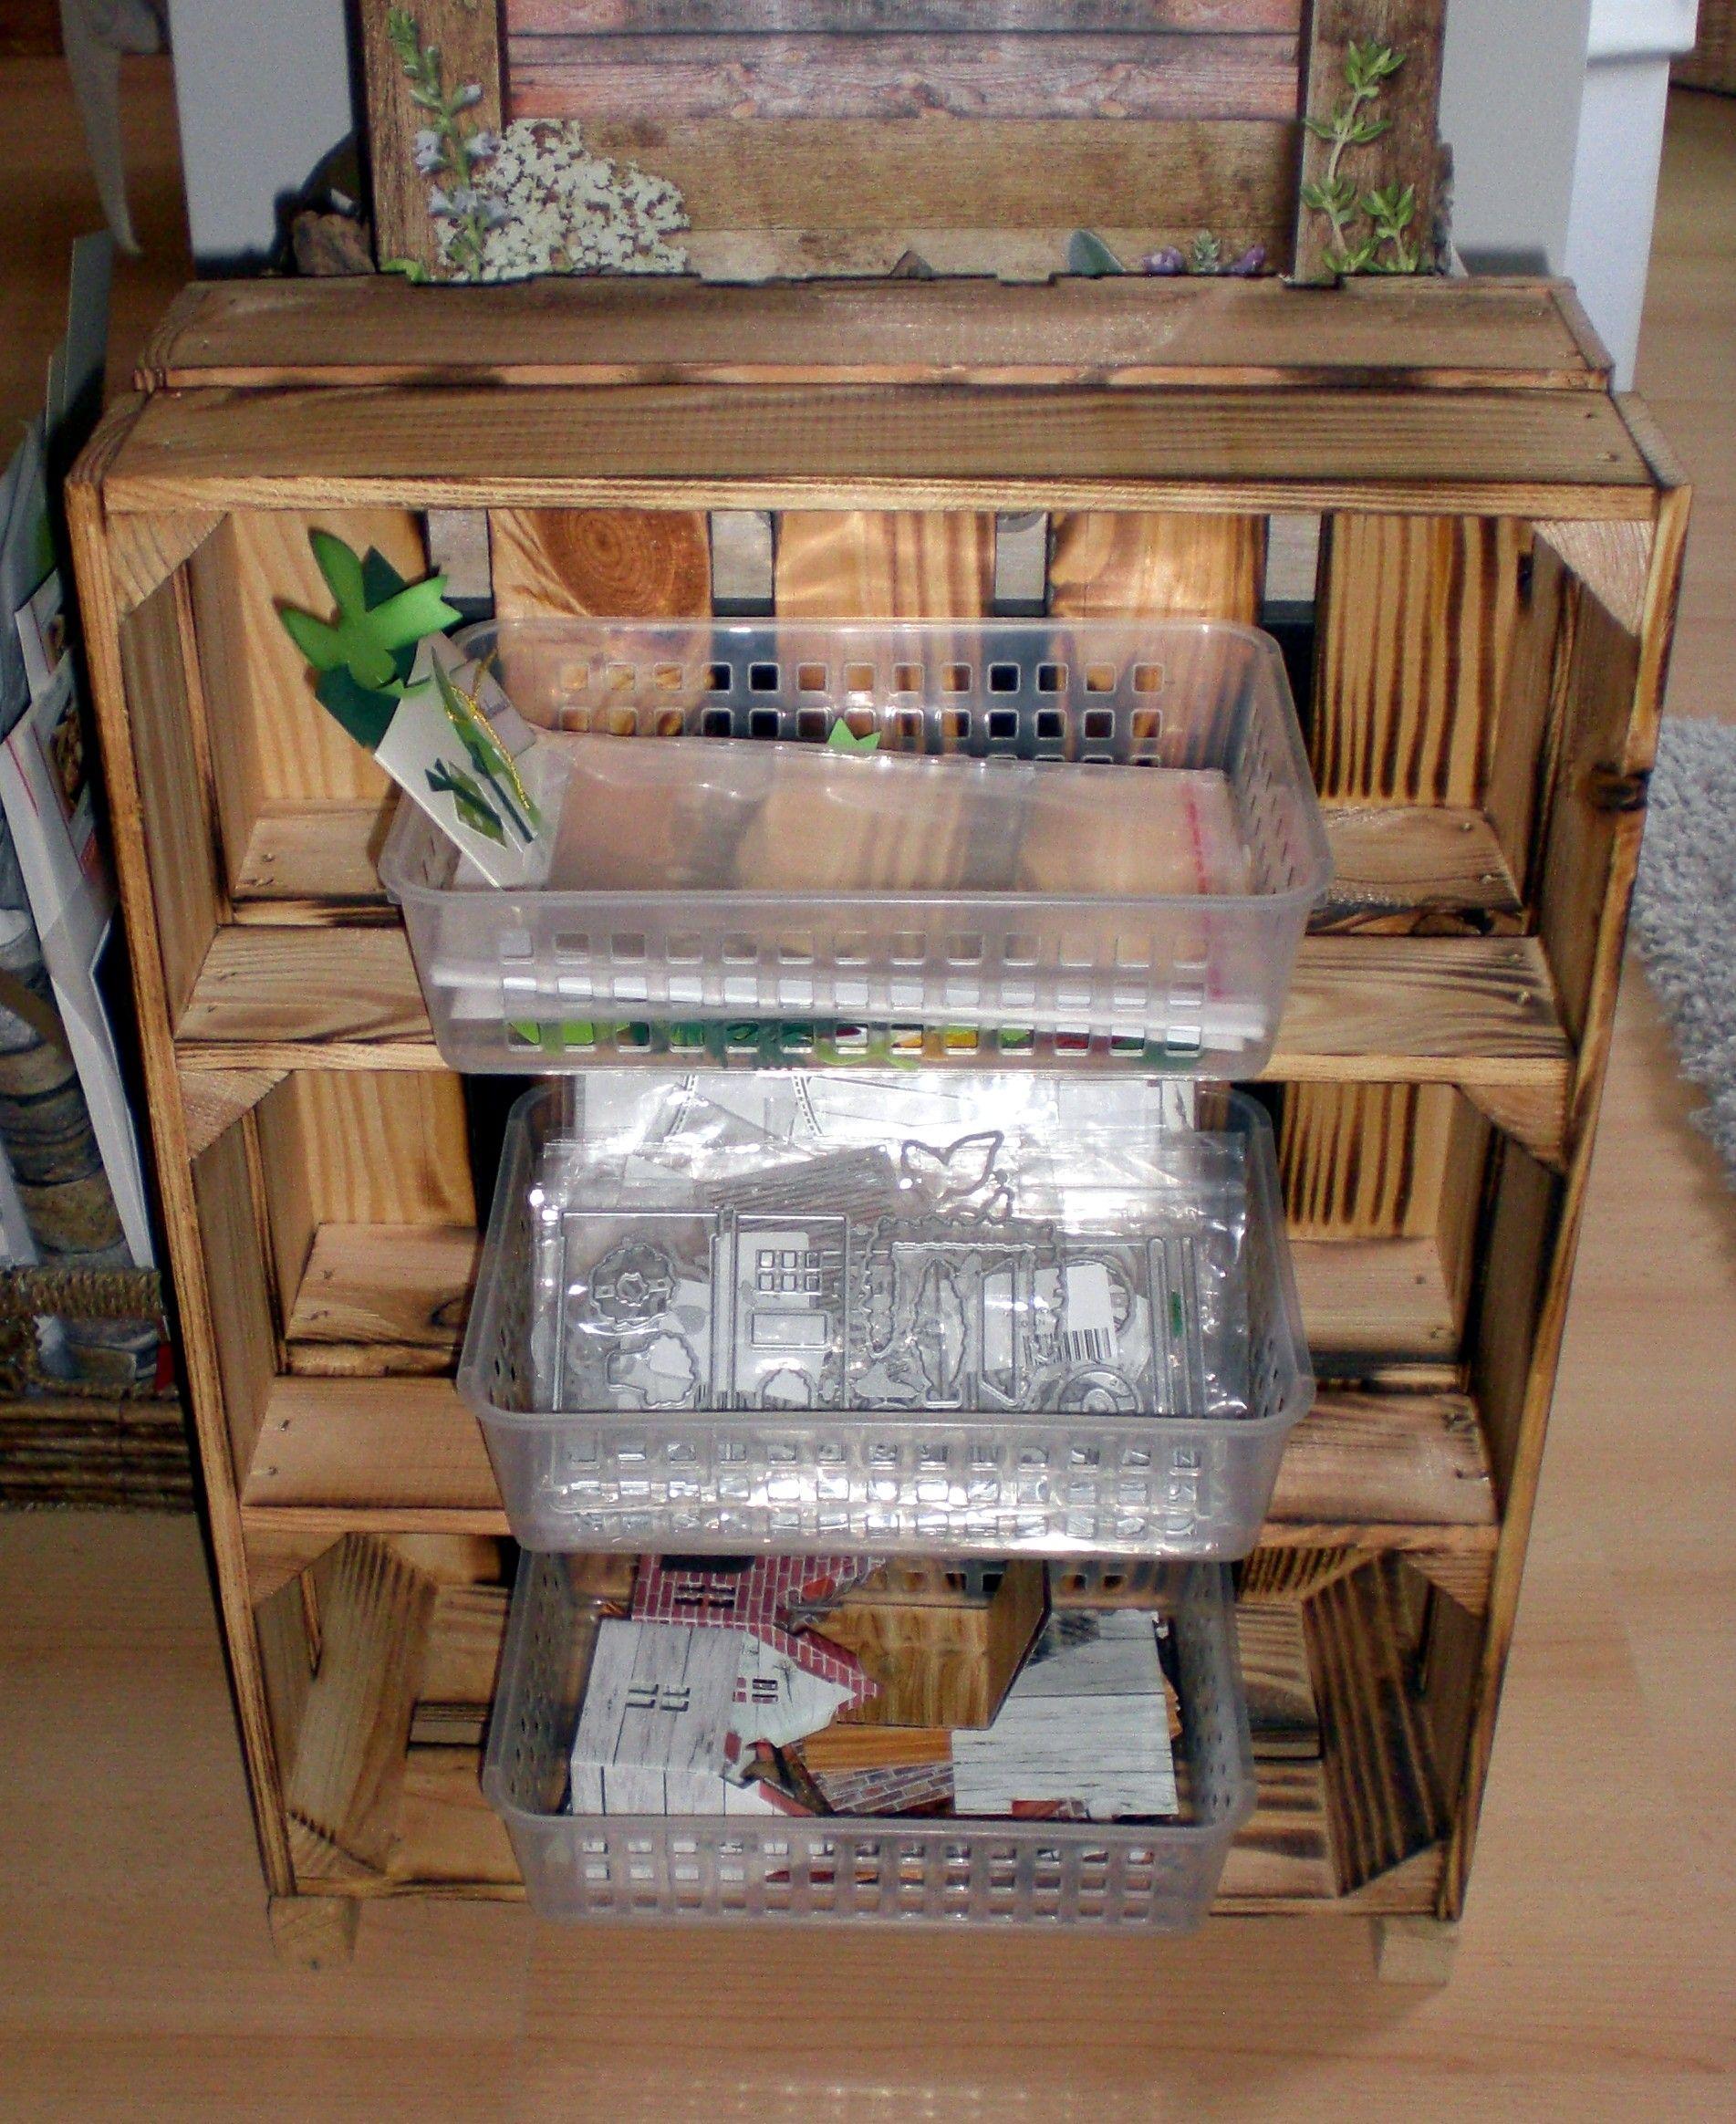 Die Tollste Aufbewahrung Und Ordnung Bringt Nichts Wenn Man Die Dann Bestellte Ware Seiner Kunden Nicht Gut Aufbewahrt Jede Bes Ablagesystem Holzkisten Kiste